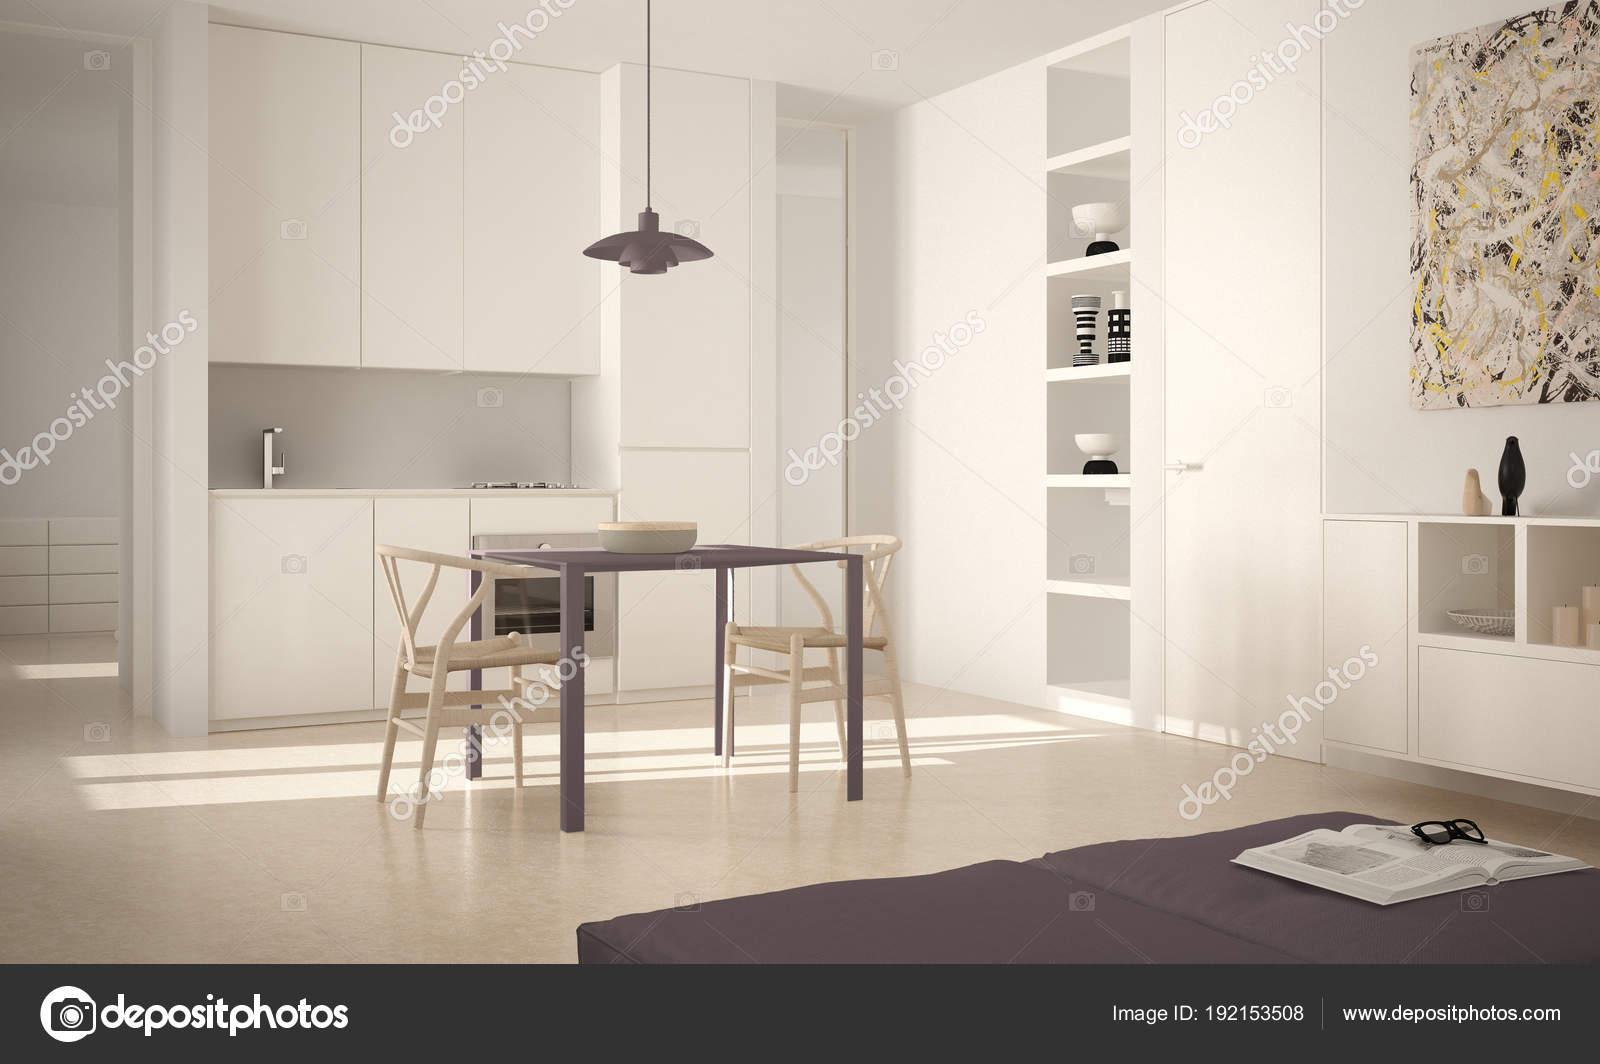 Moderne Witte Eettafel.Minimalistische Moderne Lichte Keuken Met Eettafel En